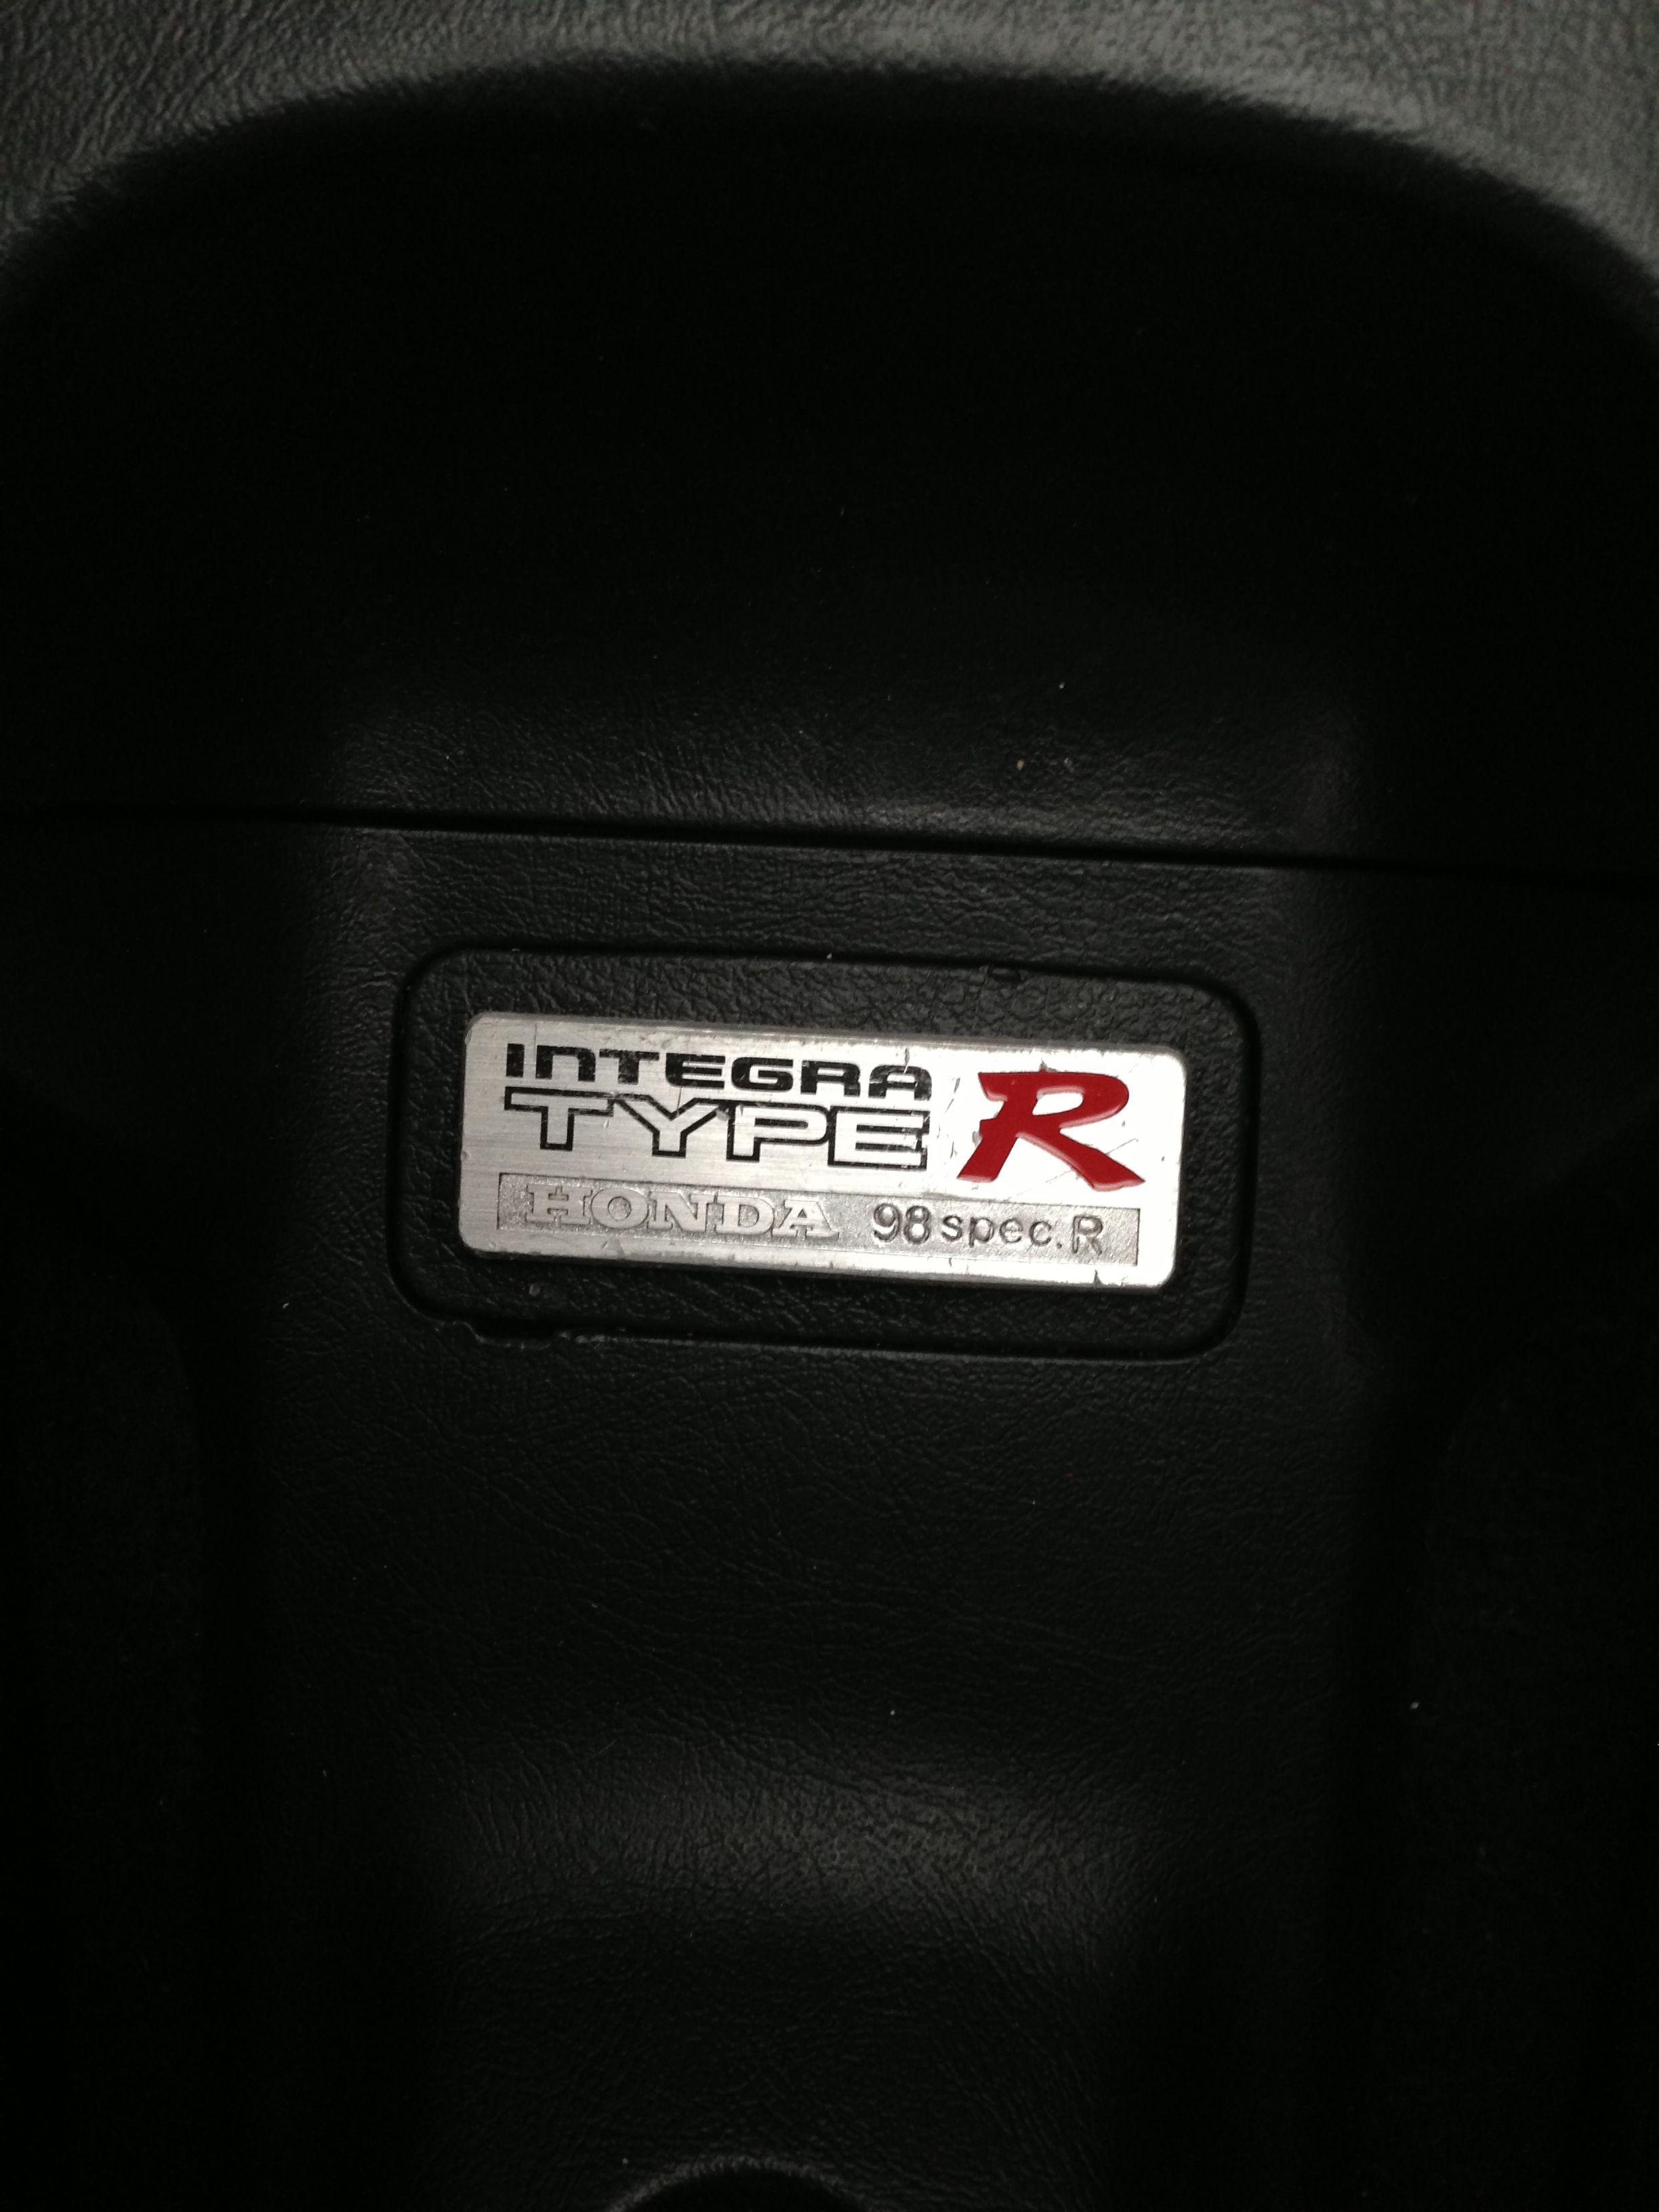 98 spec R badge